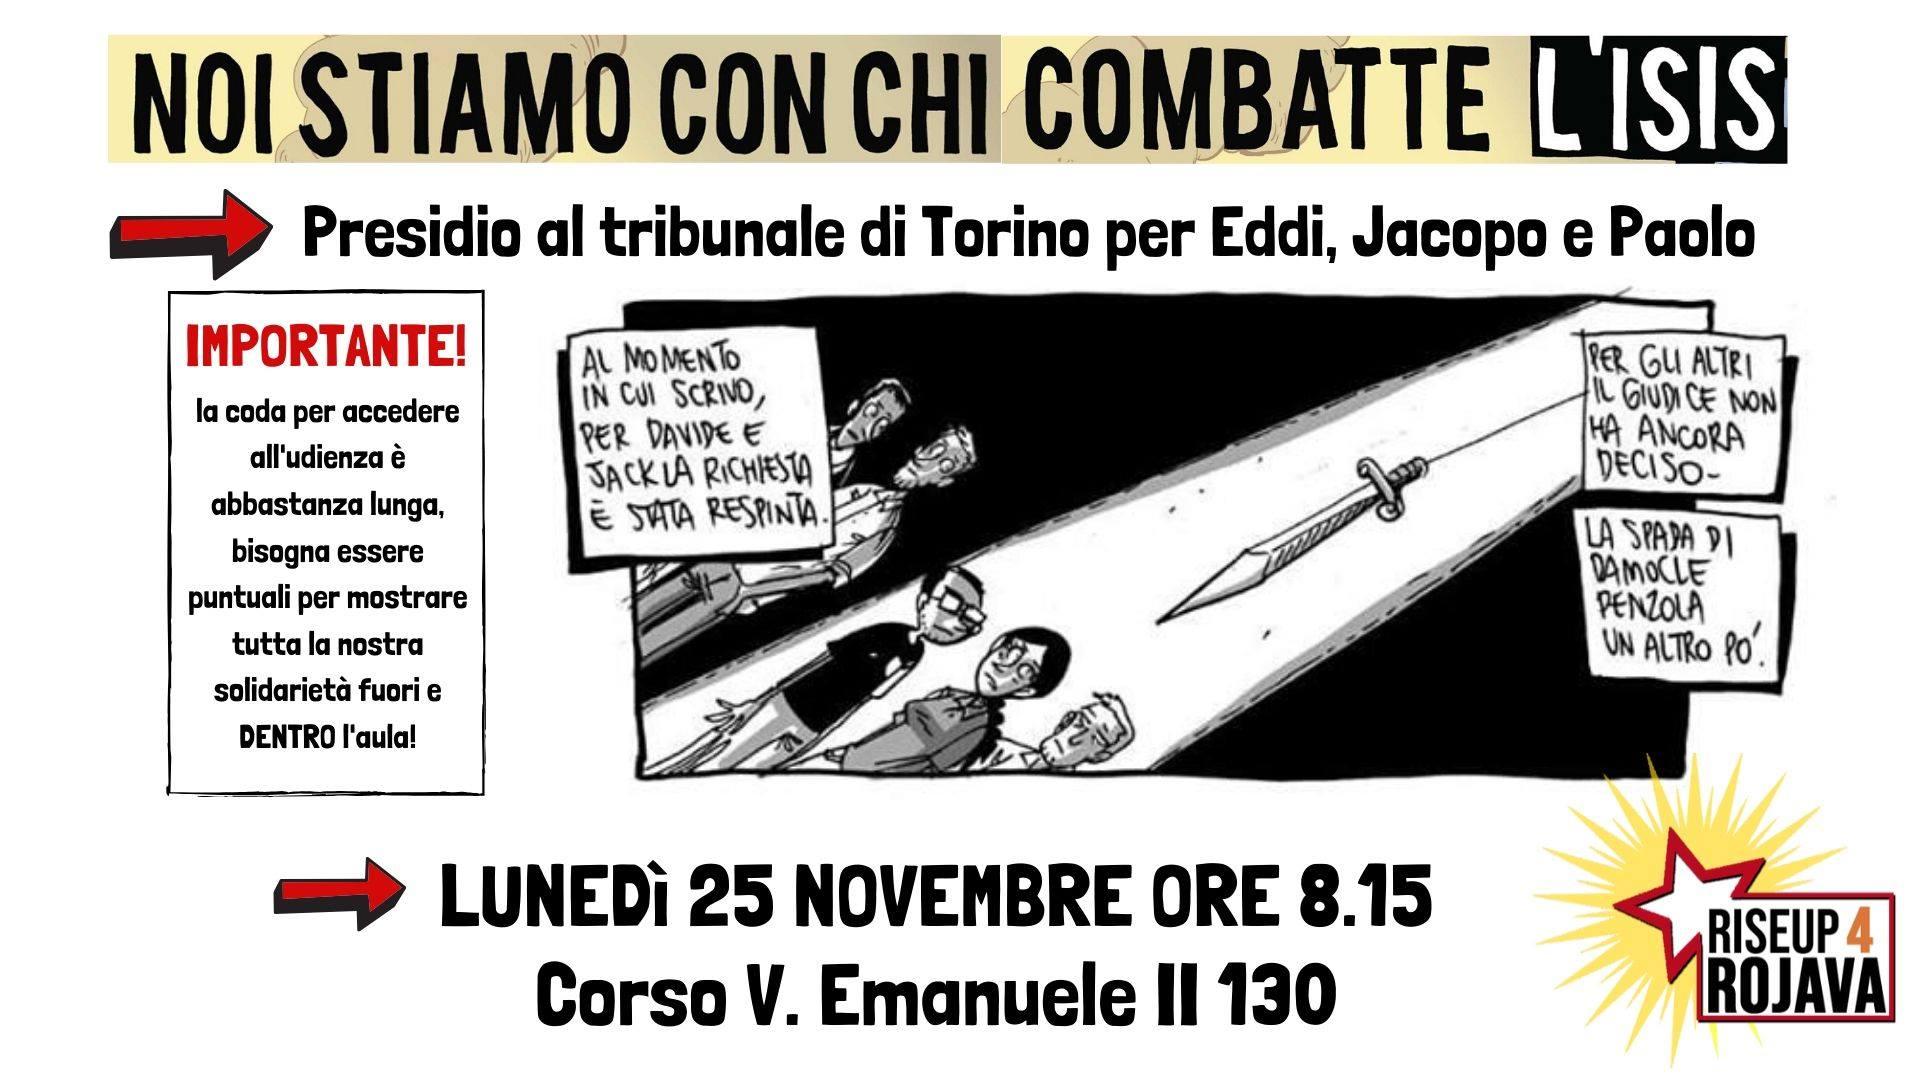 Dai No Tav solidarietà a Eddi, Jacopo e Paolo! Prossime udienze (VIDEO)